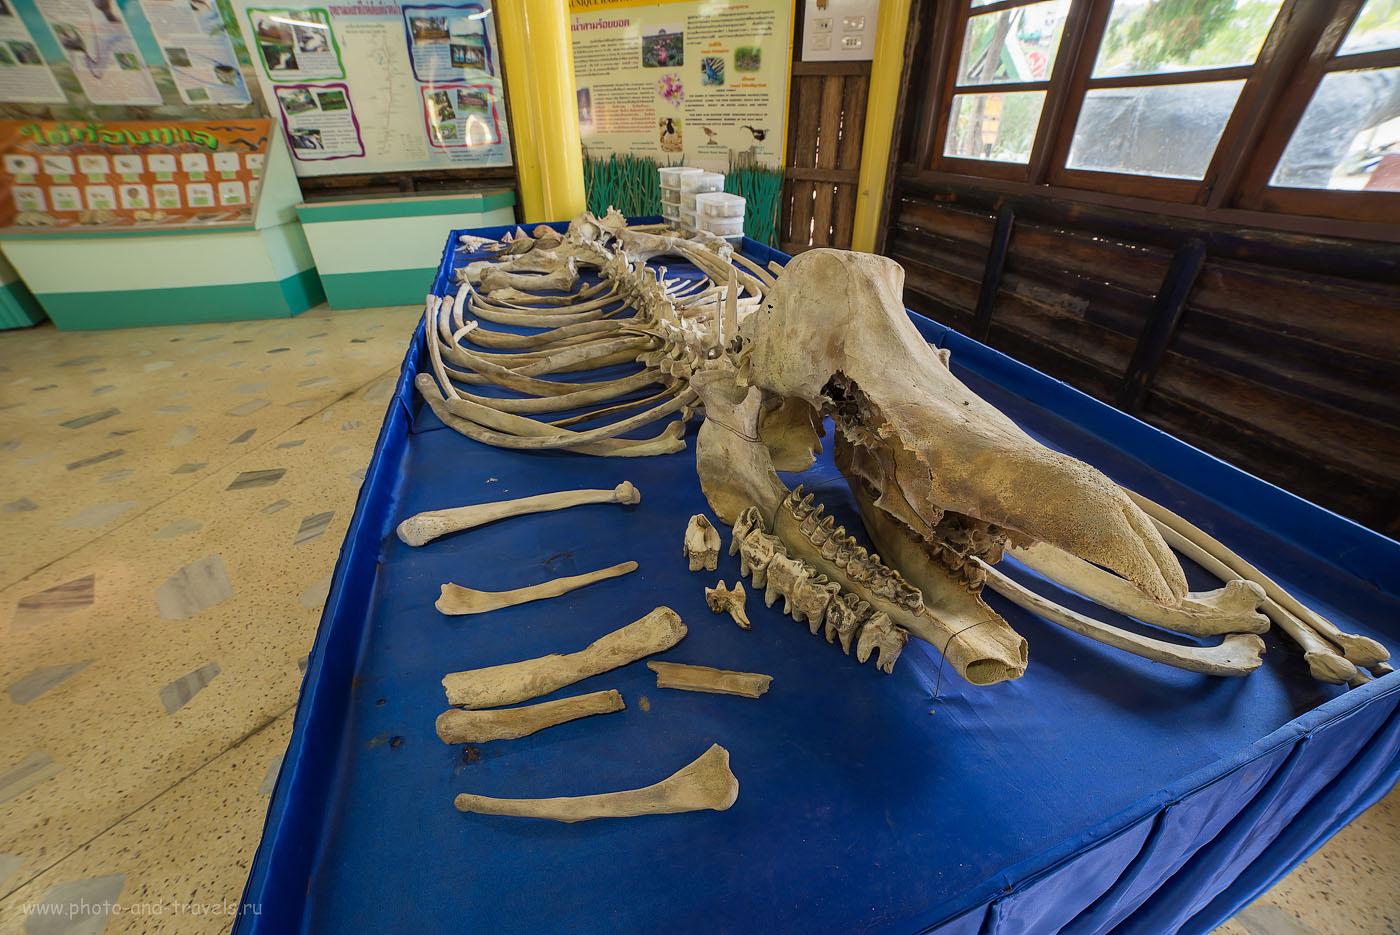 Фотография 19. Скелет в здании касс парка Сам Рой Йот у смотровой площадки Кхао Даенг. Отзывы туристов о самостоятельном отдыхе в Таиланде (100, 14, F=9.0, 0.6, камера Nikon D610, объектив Samyang 14/2.8, снято со штатива Sirui T-2204X-G20KX)